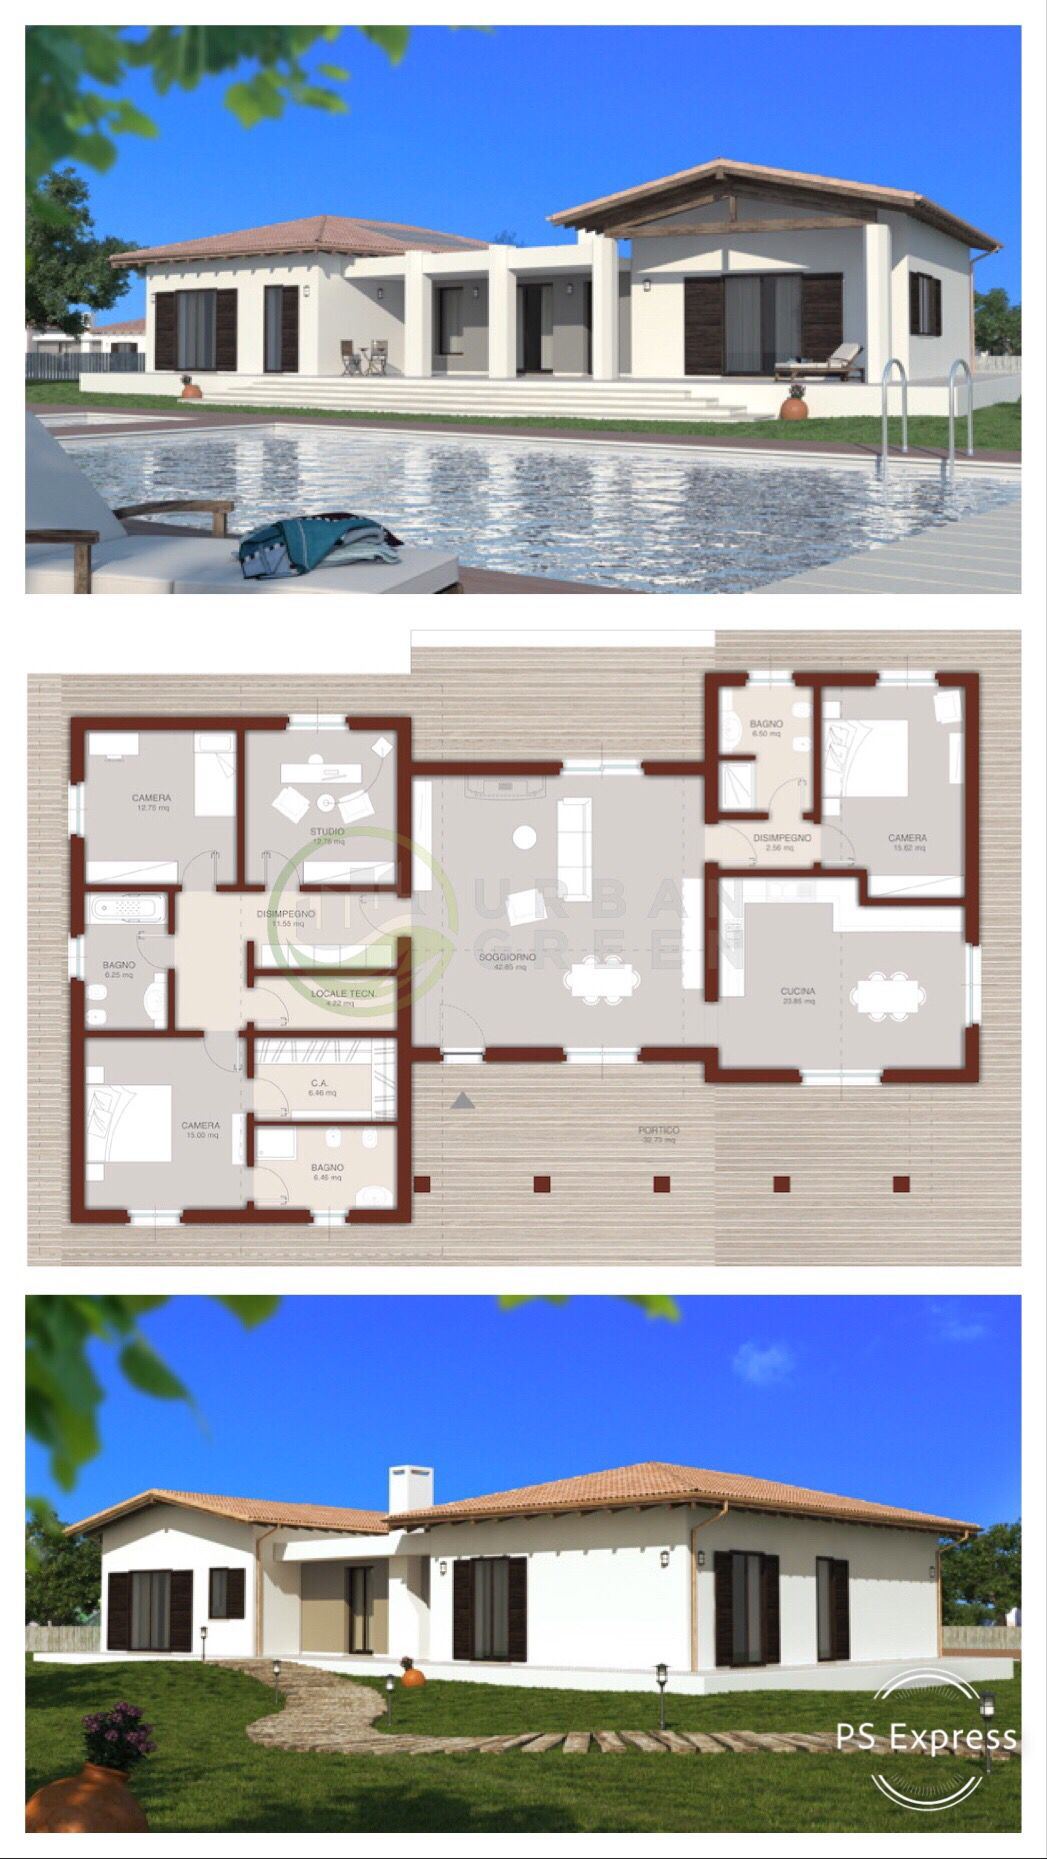 Casa In Legno Monopiano Modello Urb19 Progetto Abitazione